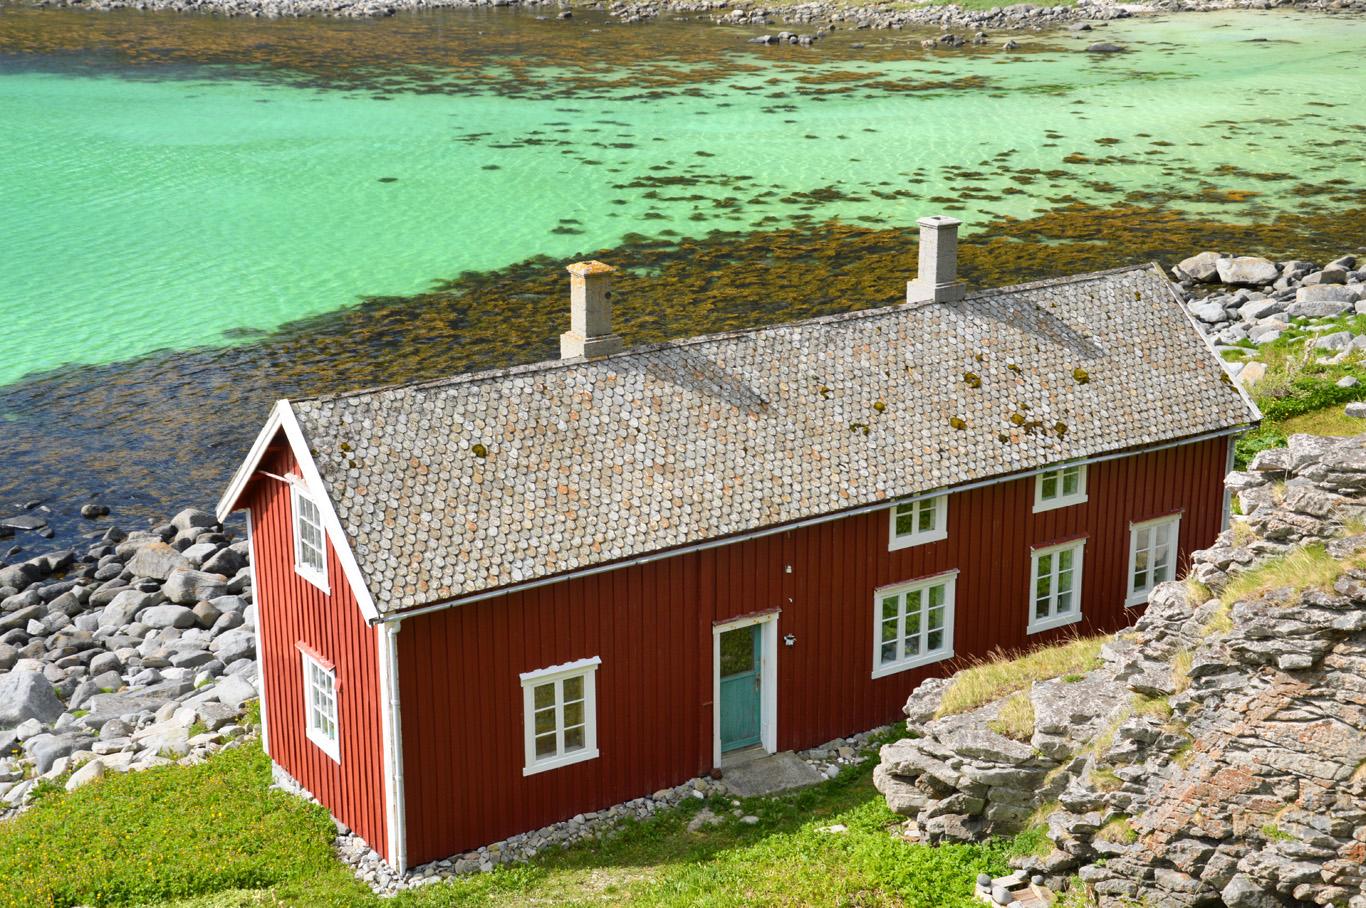 Fishermen house